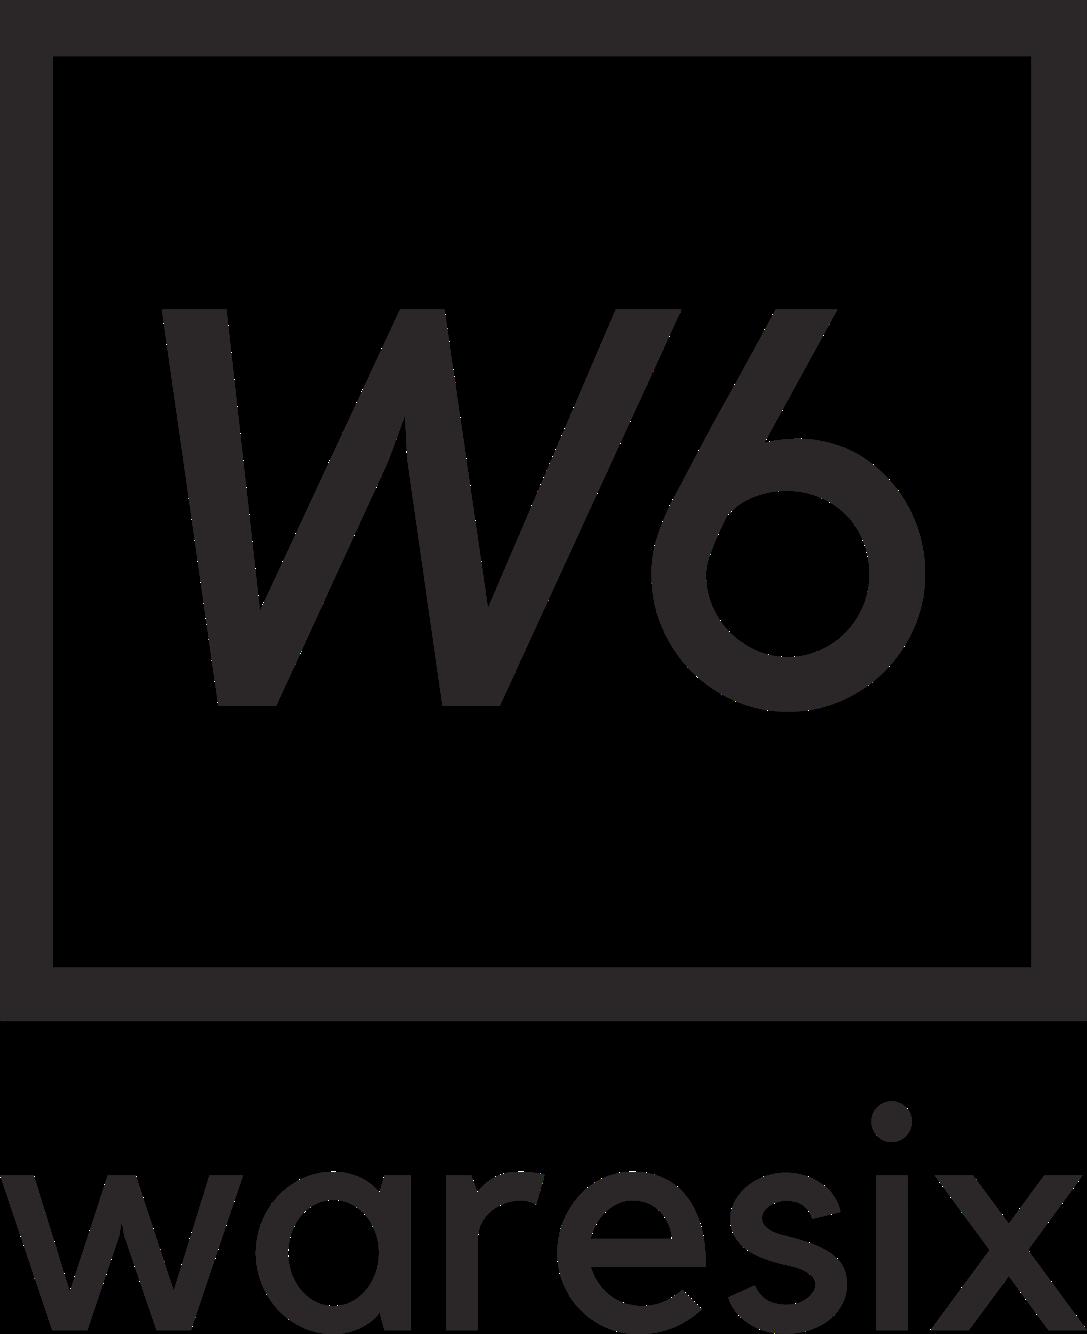 Ware6